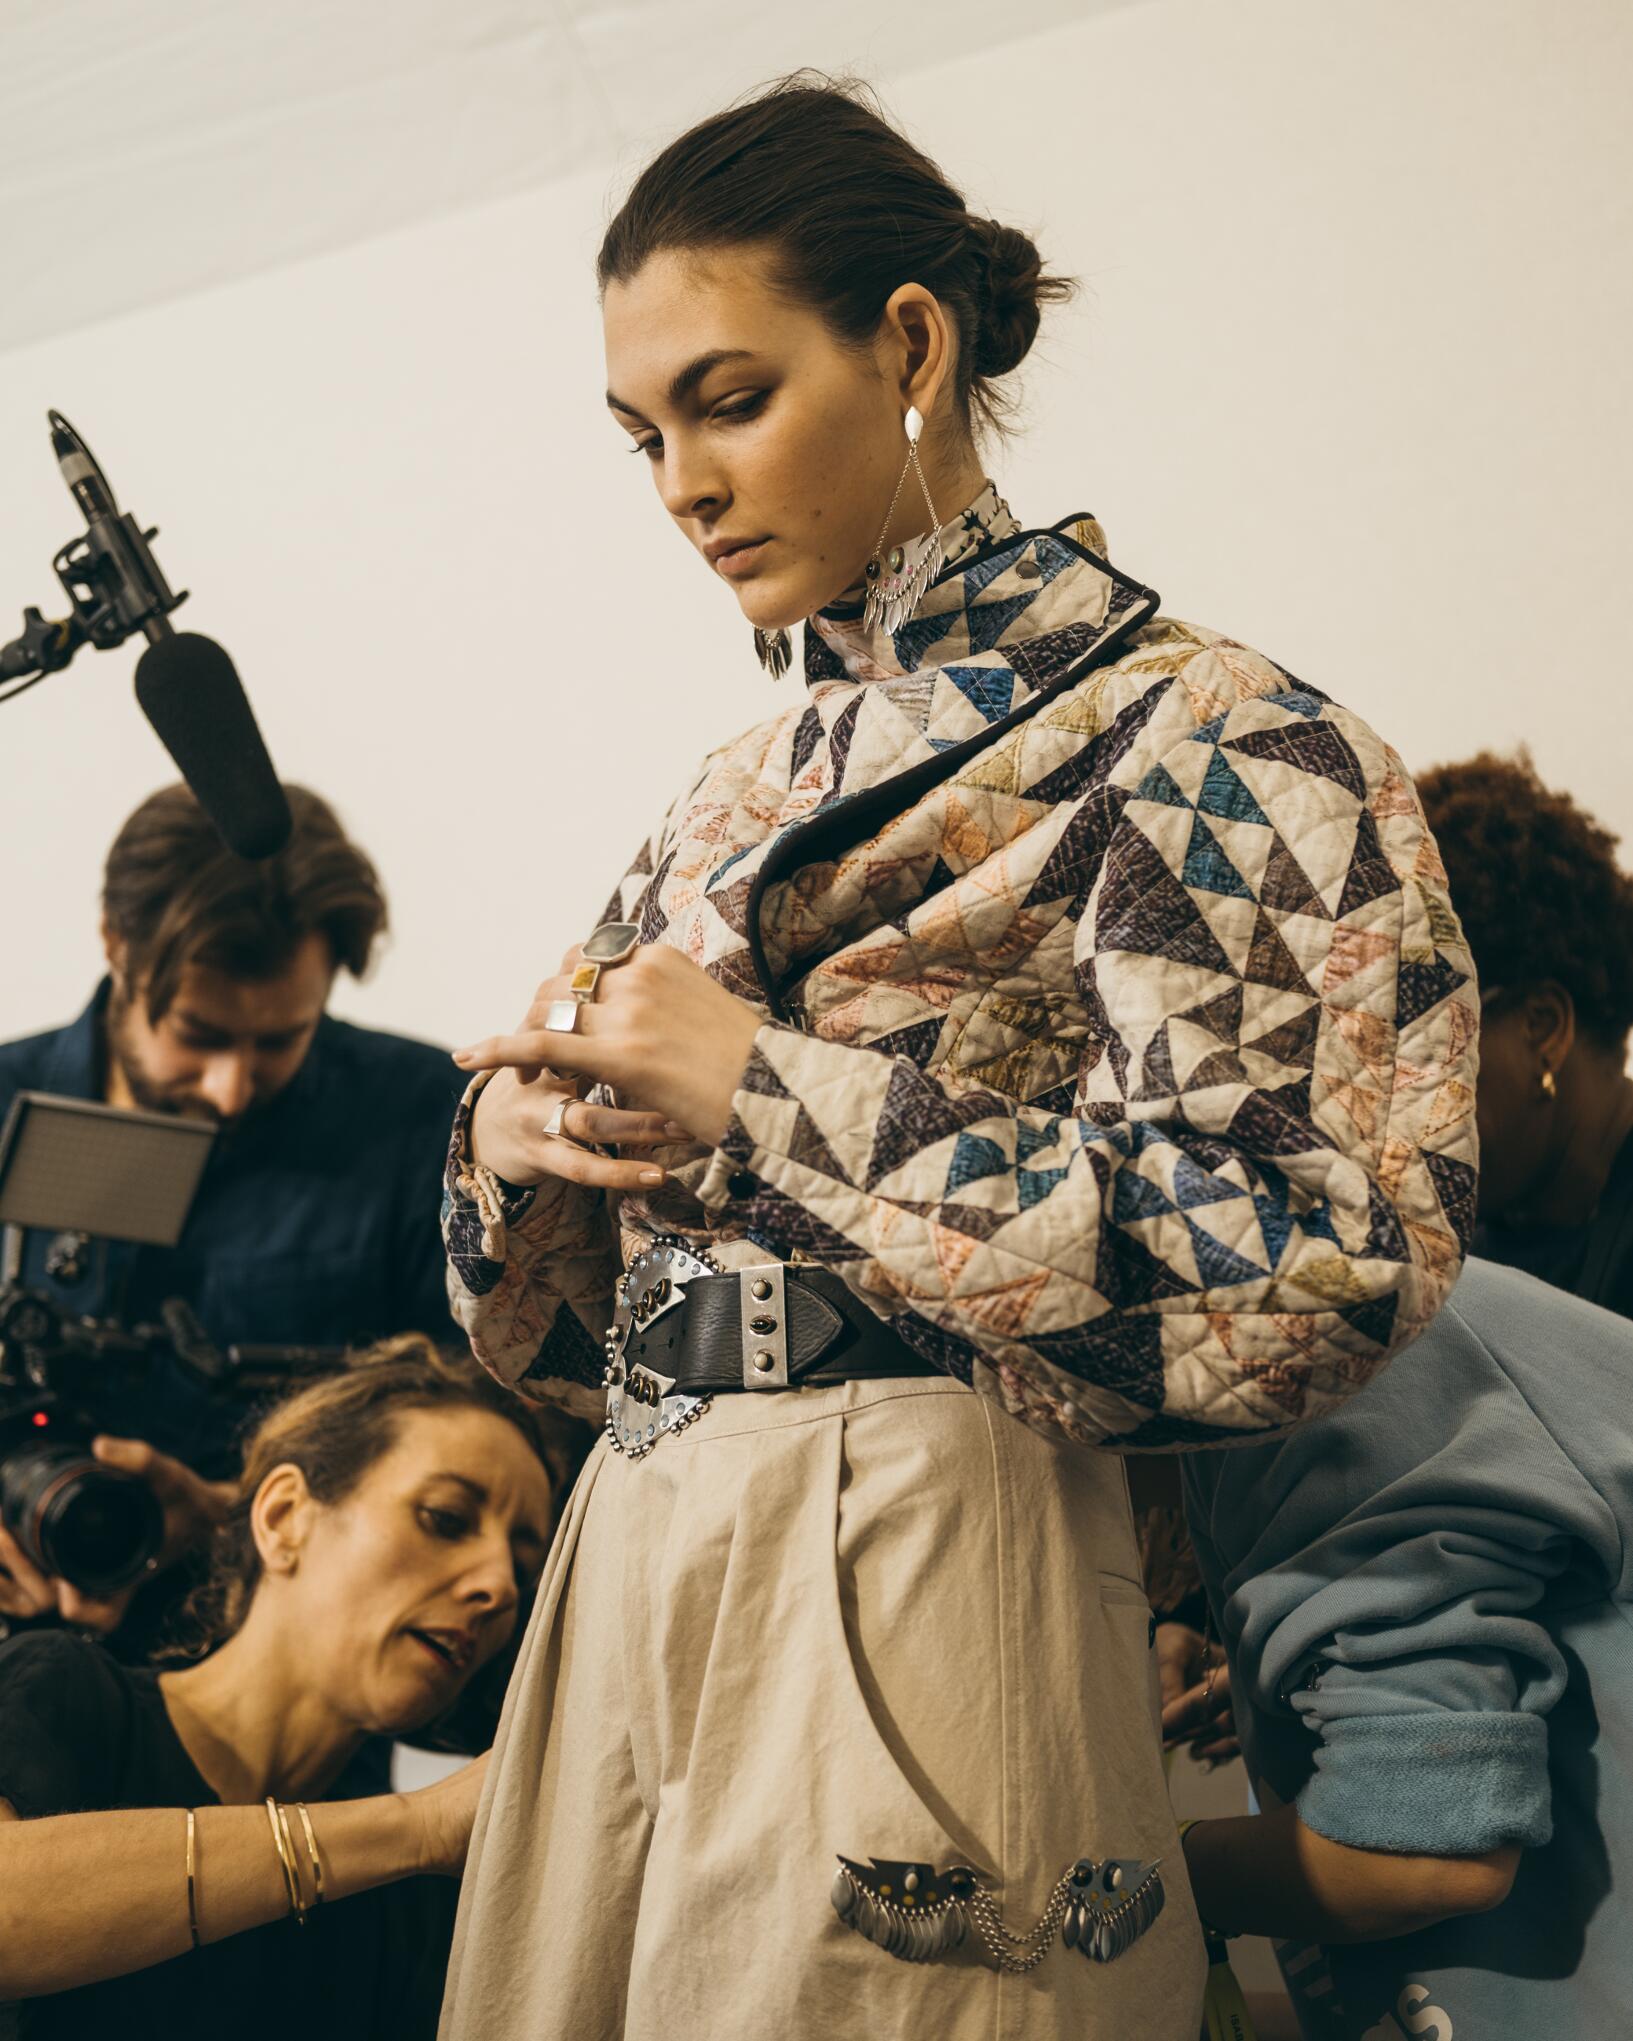 Backstage Isabel Marant Model 2019-20